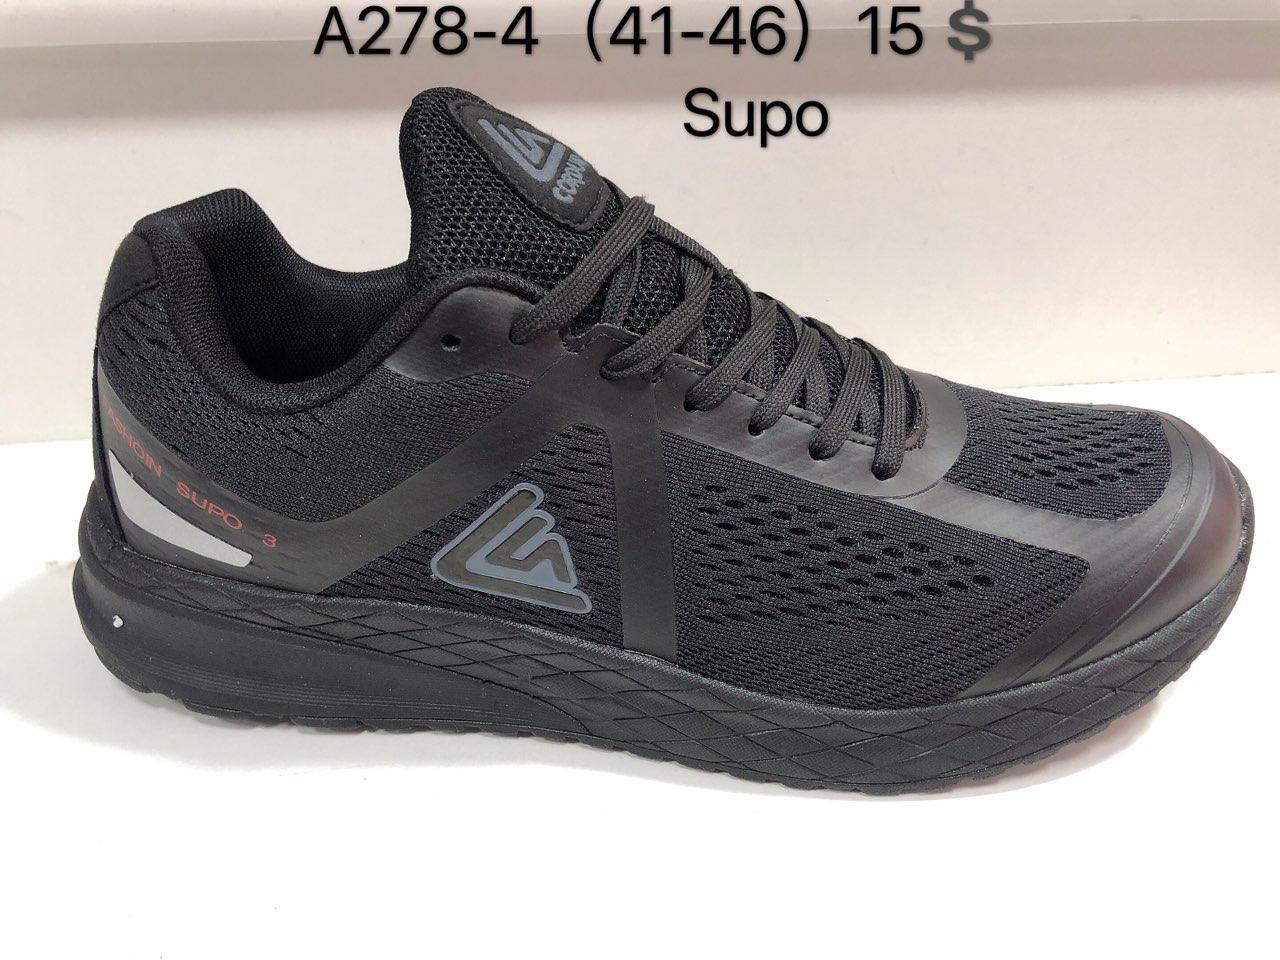 Чоловічі кросівки Supo Cordura оптом (41-46)